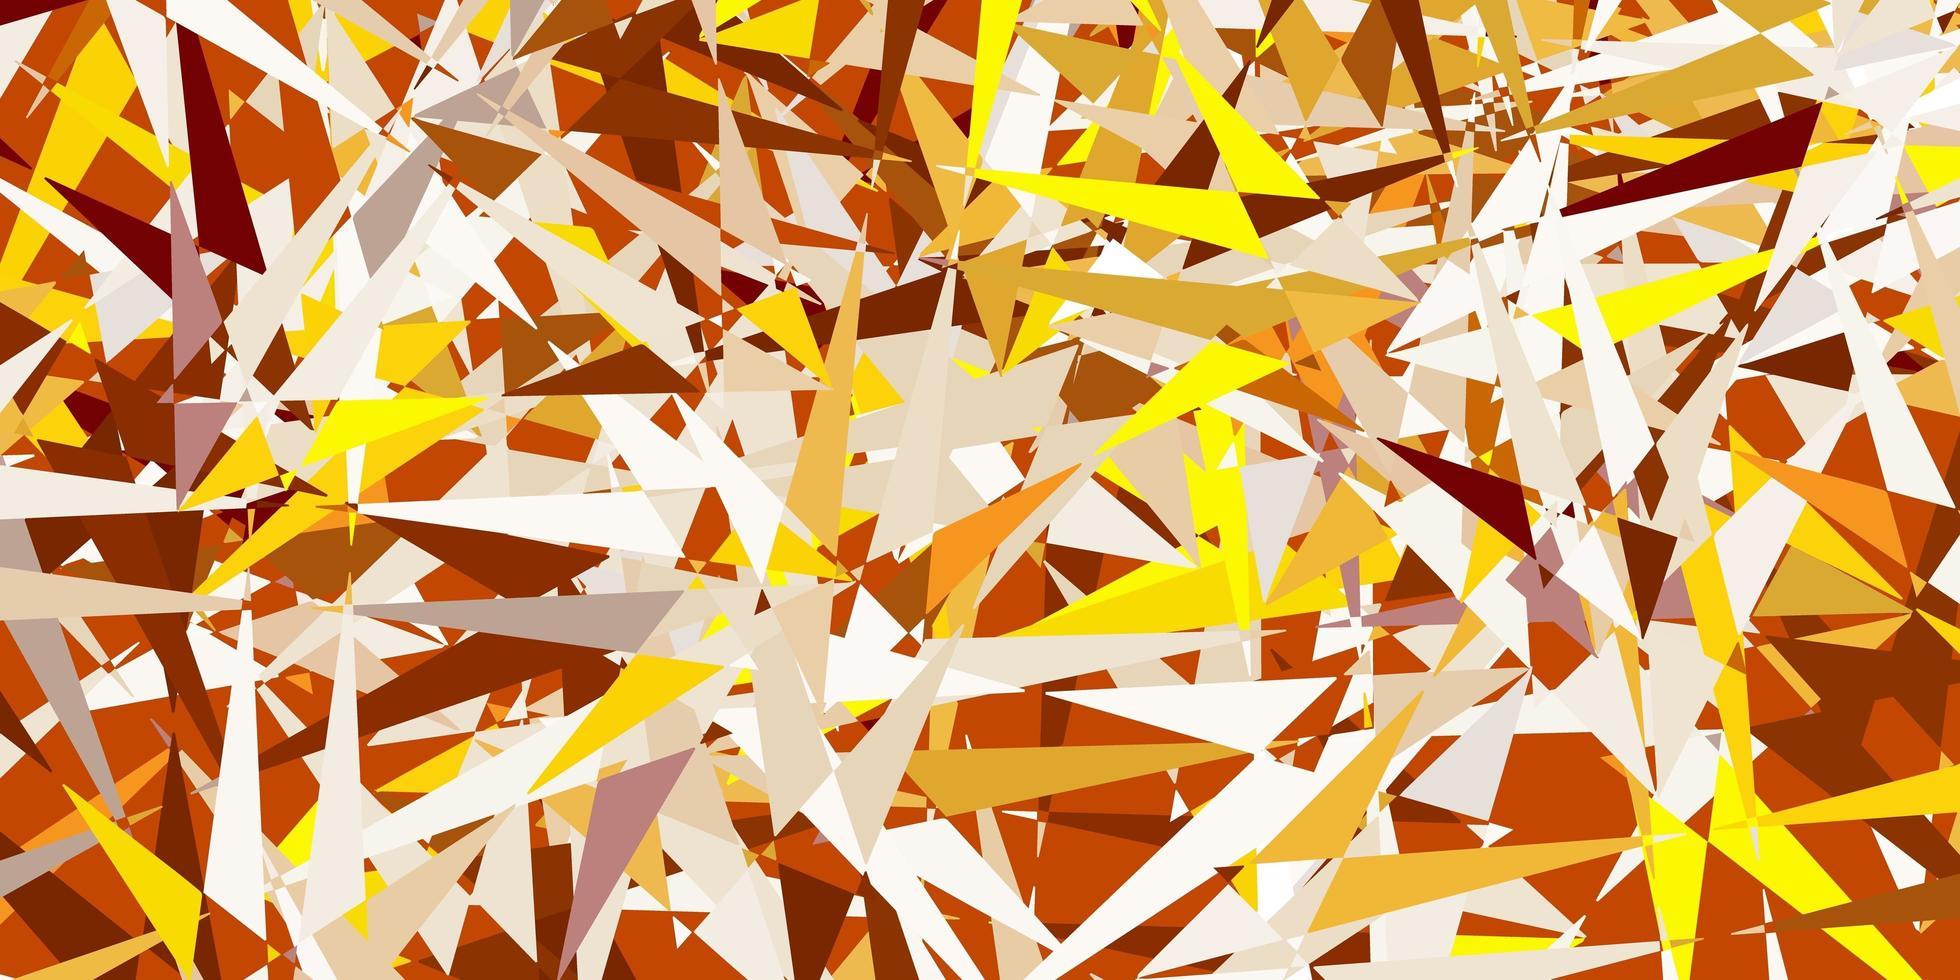 fundo vector amarelo verde claro com formas poligonais